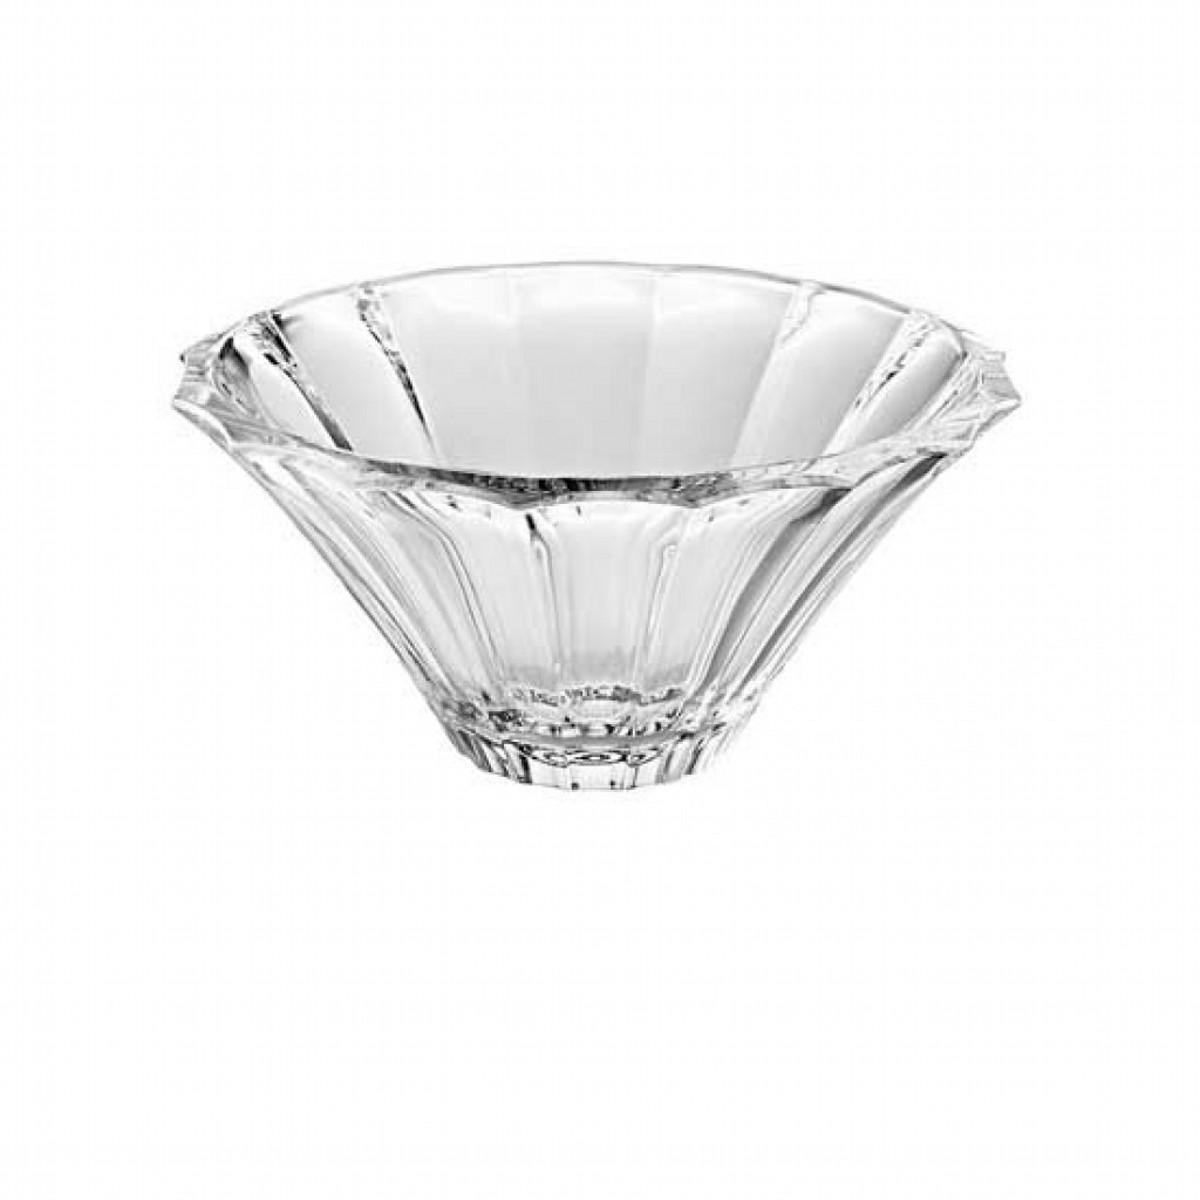 Салатник DOGEVidivi производит качественную и долговечную посуду из стекла. Салатник - незаменимый предмет в быту, в него можно сервировать различные салаты, а также фрукты, орехи и прочие продукты.<br>